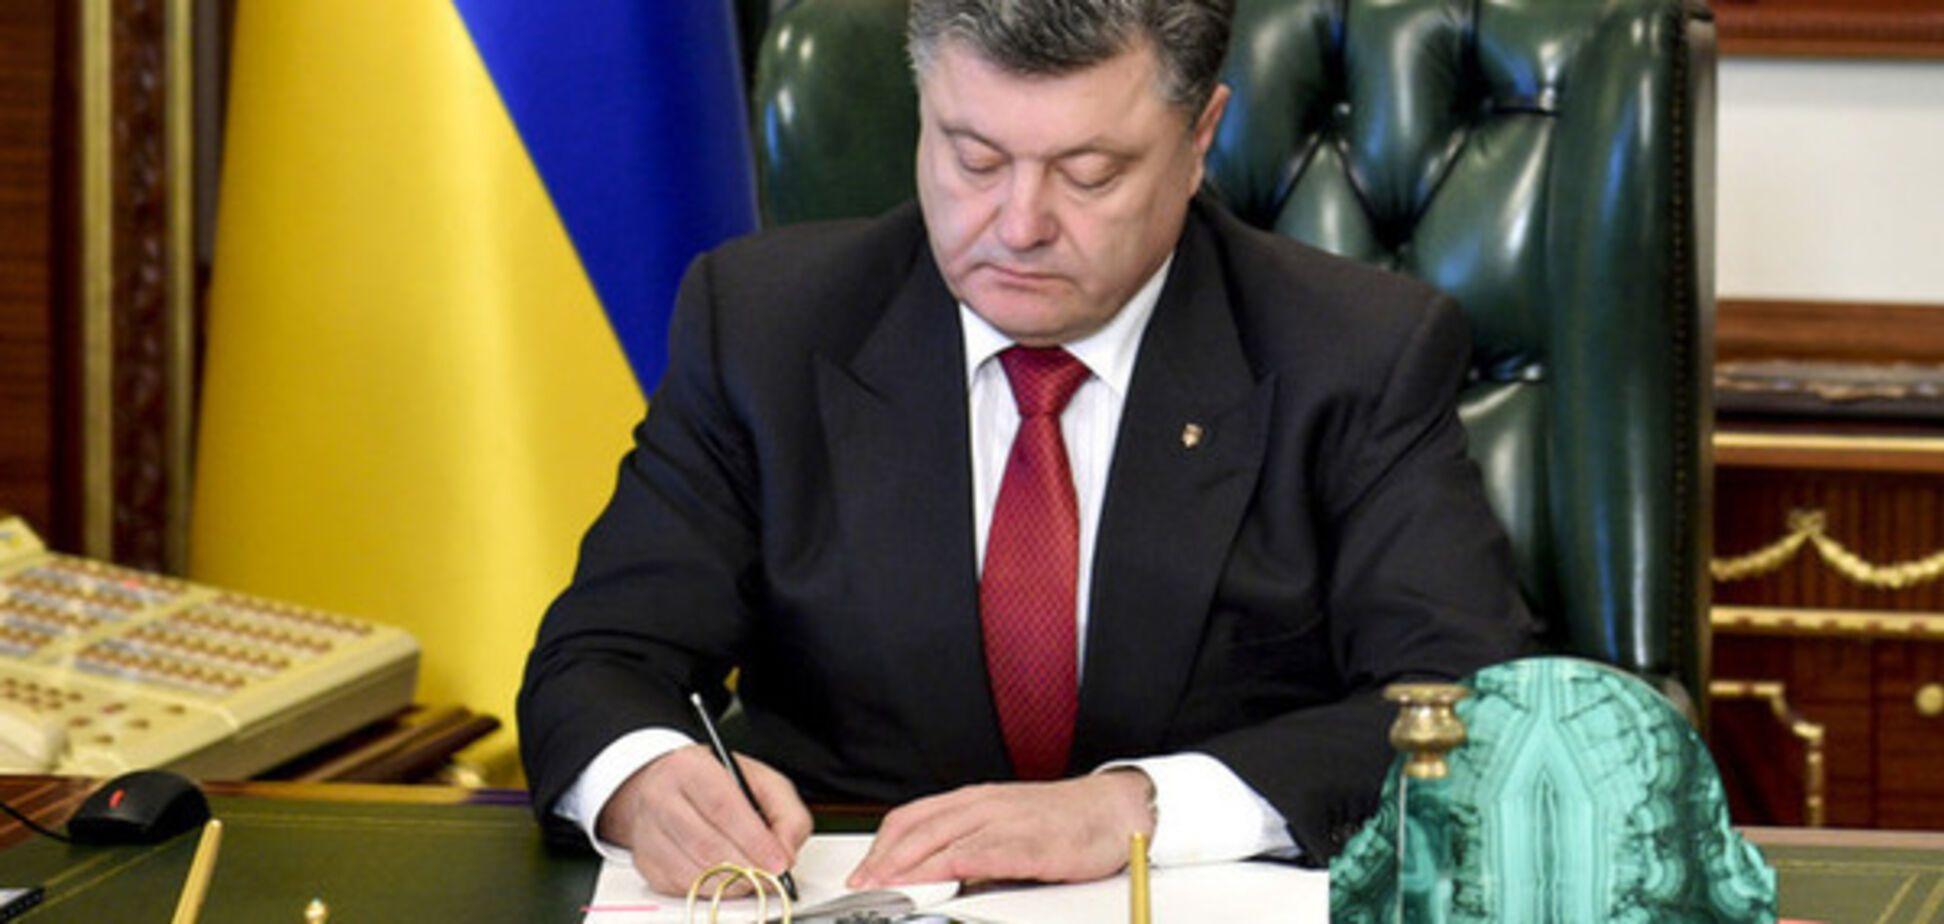 Порошенко расширил санкции против России: полные списки